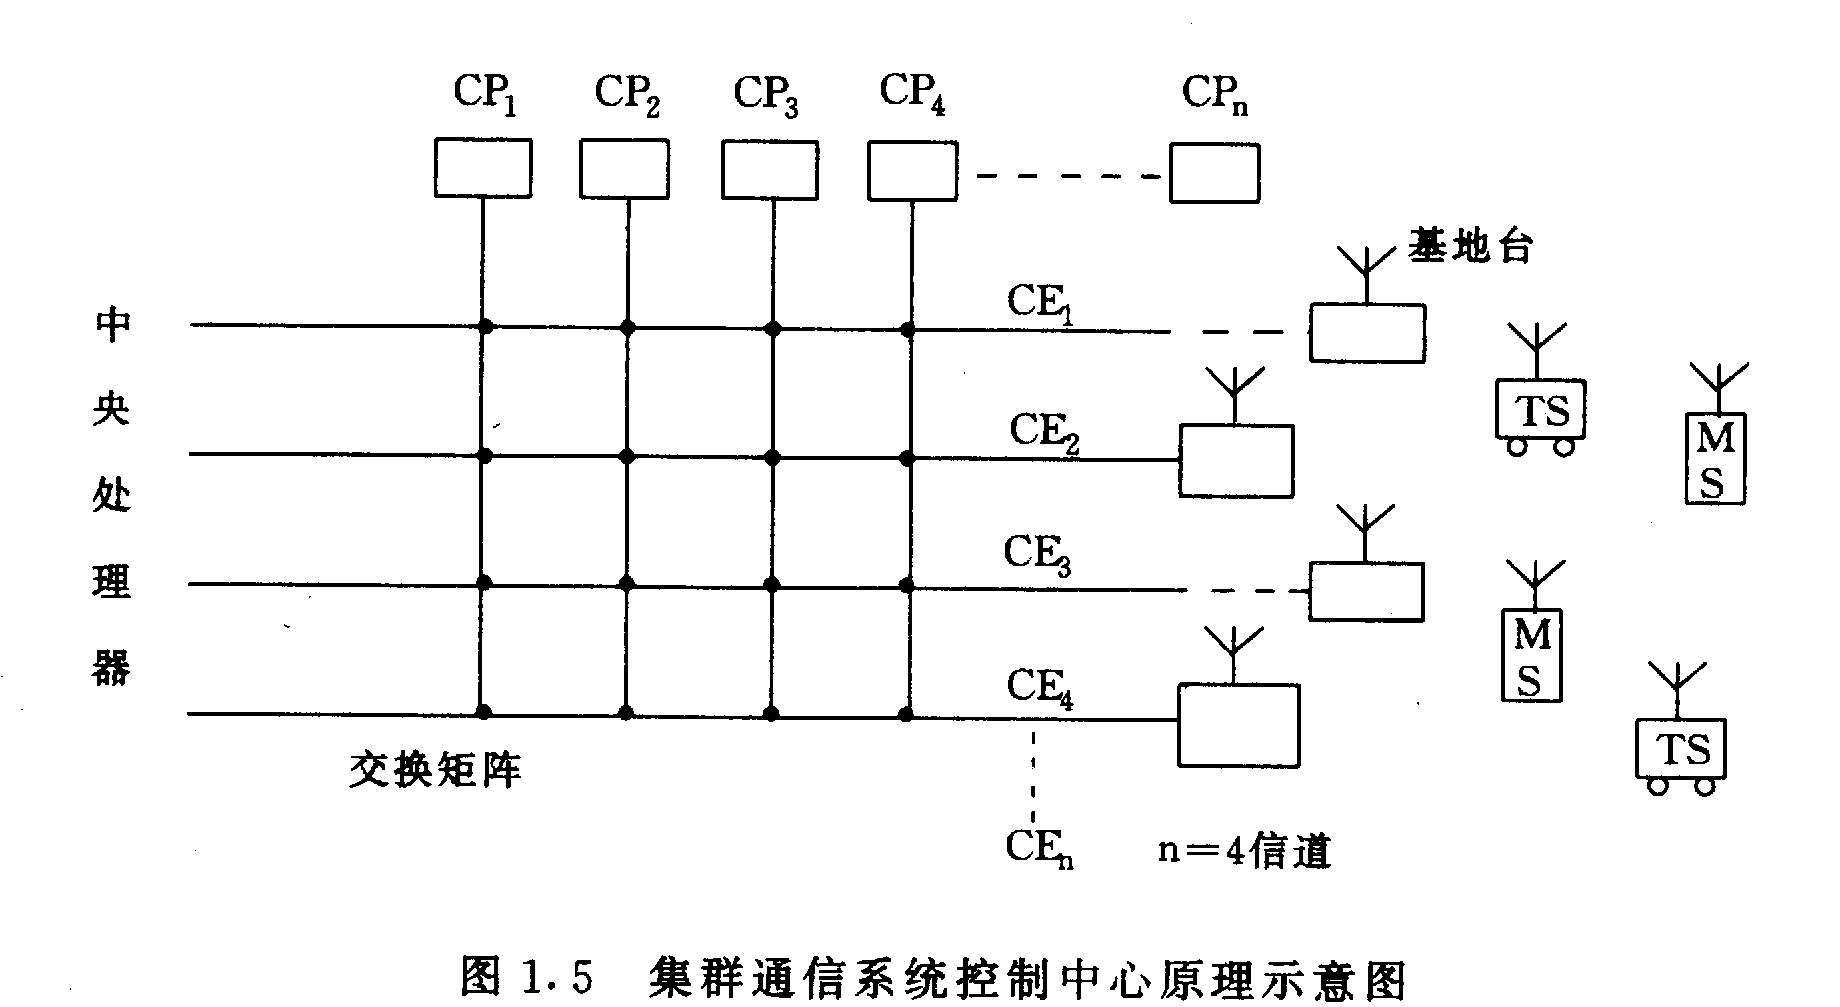 图1.5 集群信息系统控制中心原理示意图